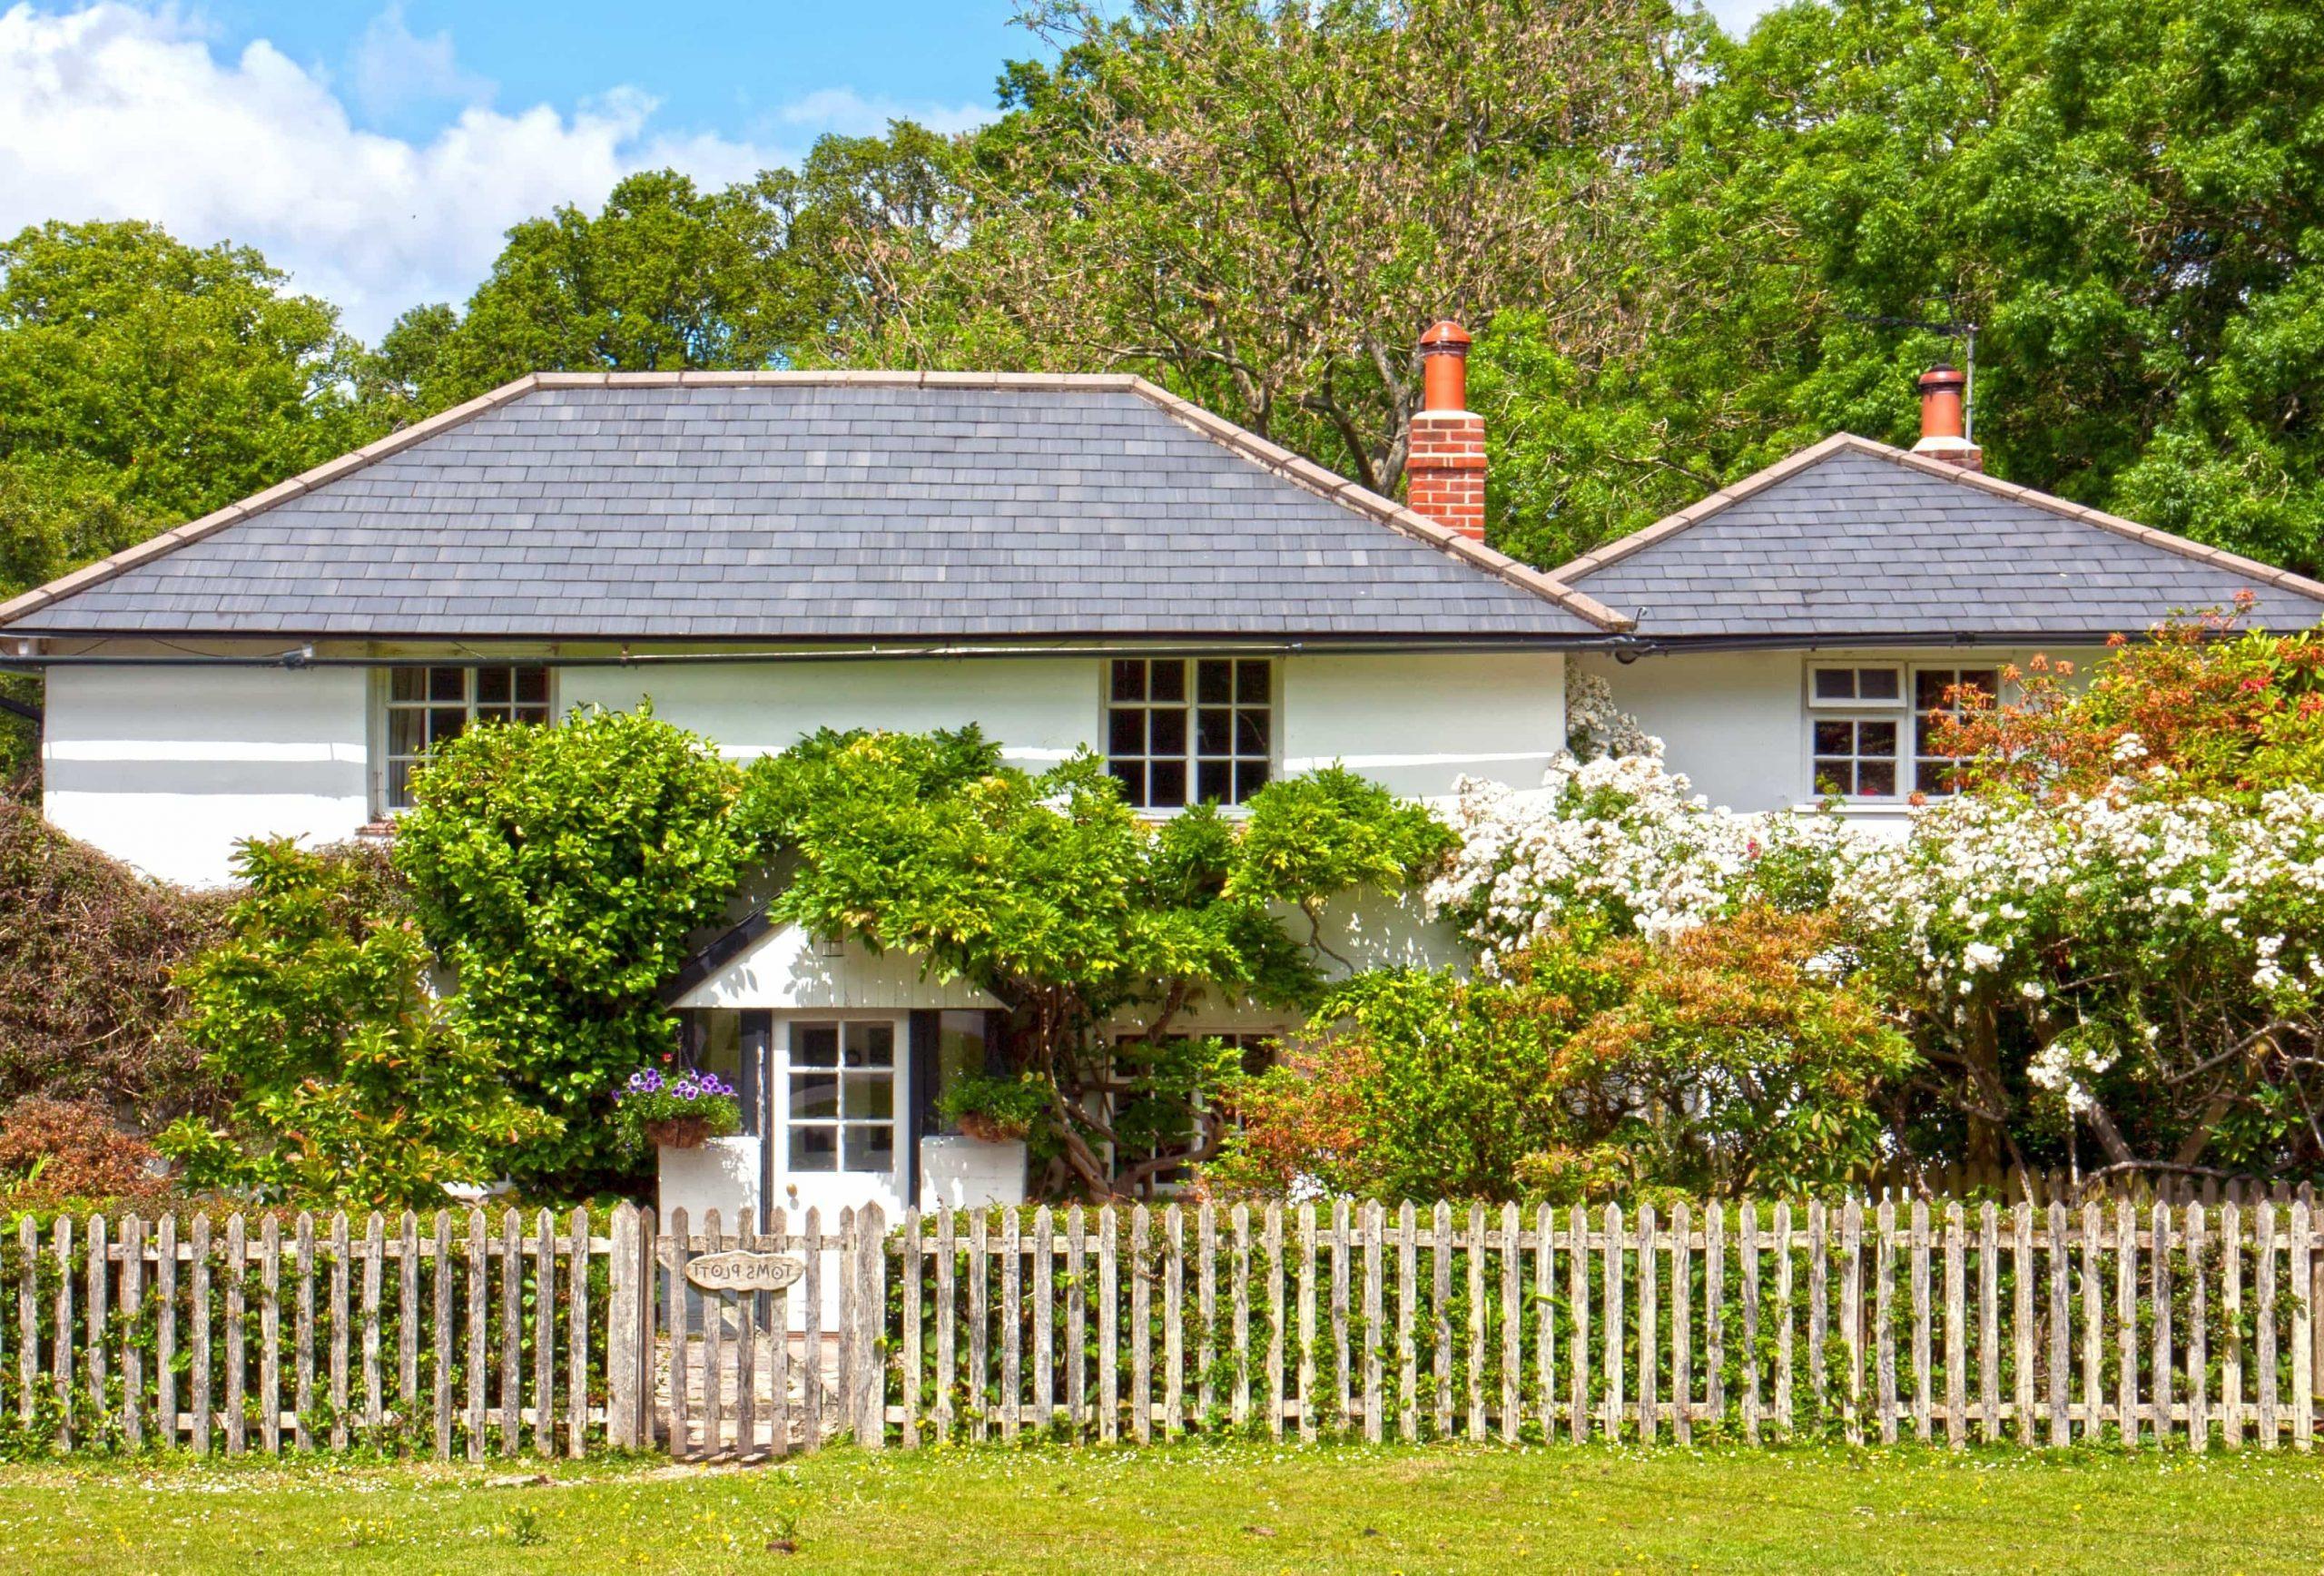 Quelles sont les règles à respecter en matière d'installation de clôture ou de grillage de jardin?